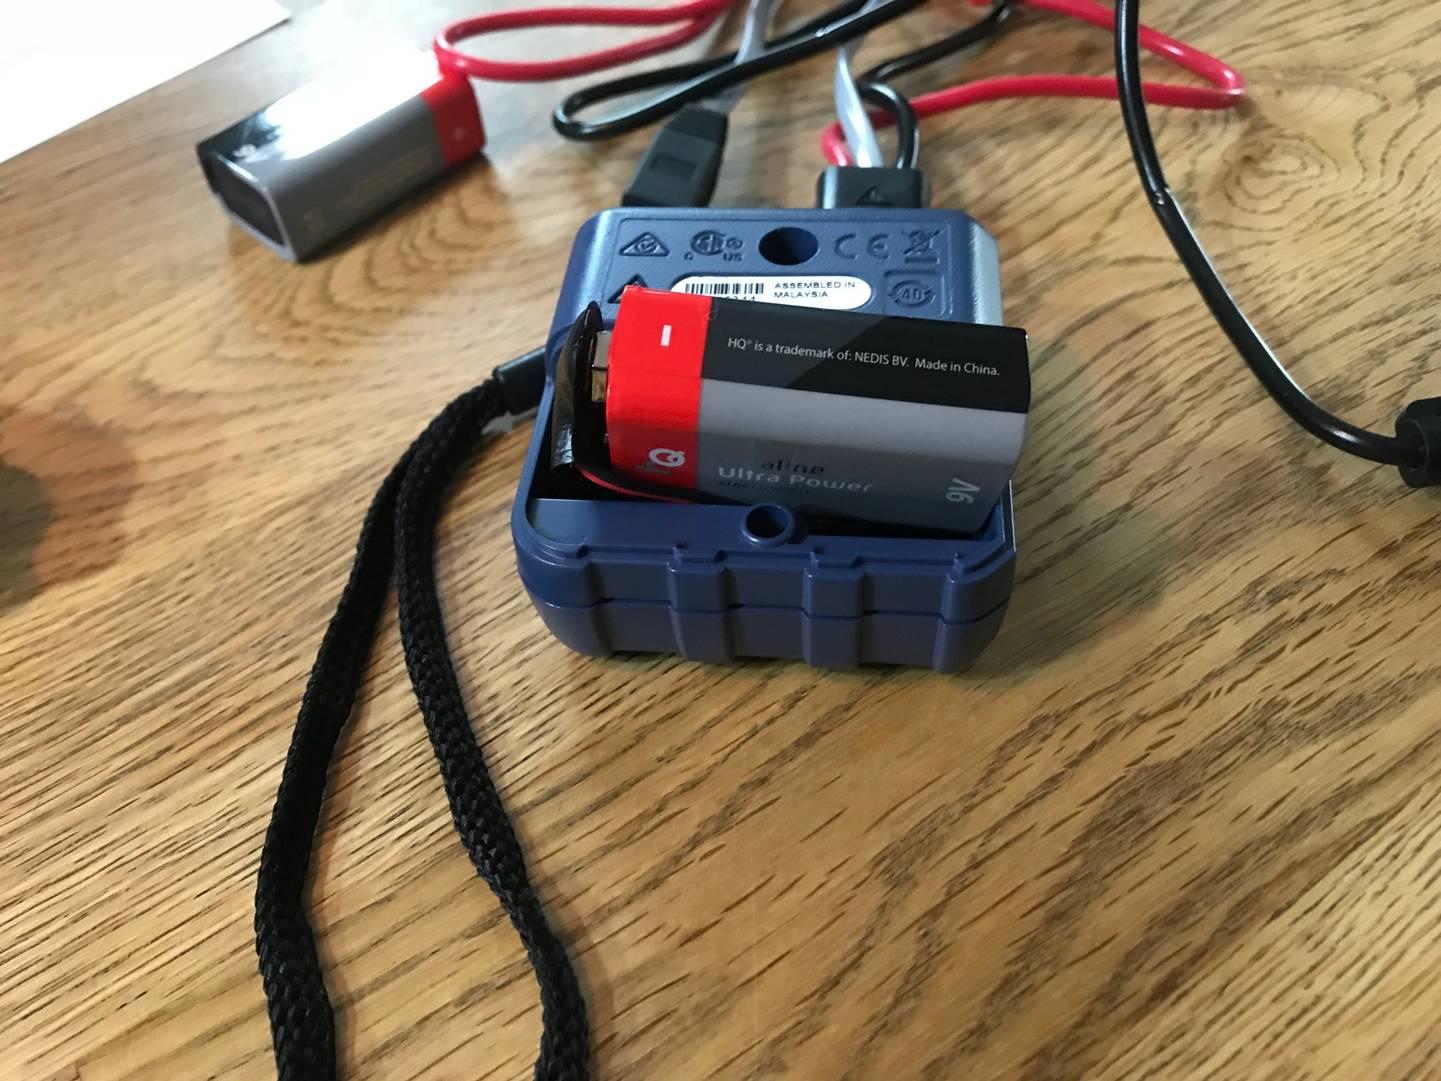 Probleme beim einlegen der Batterie.jpg